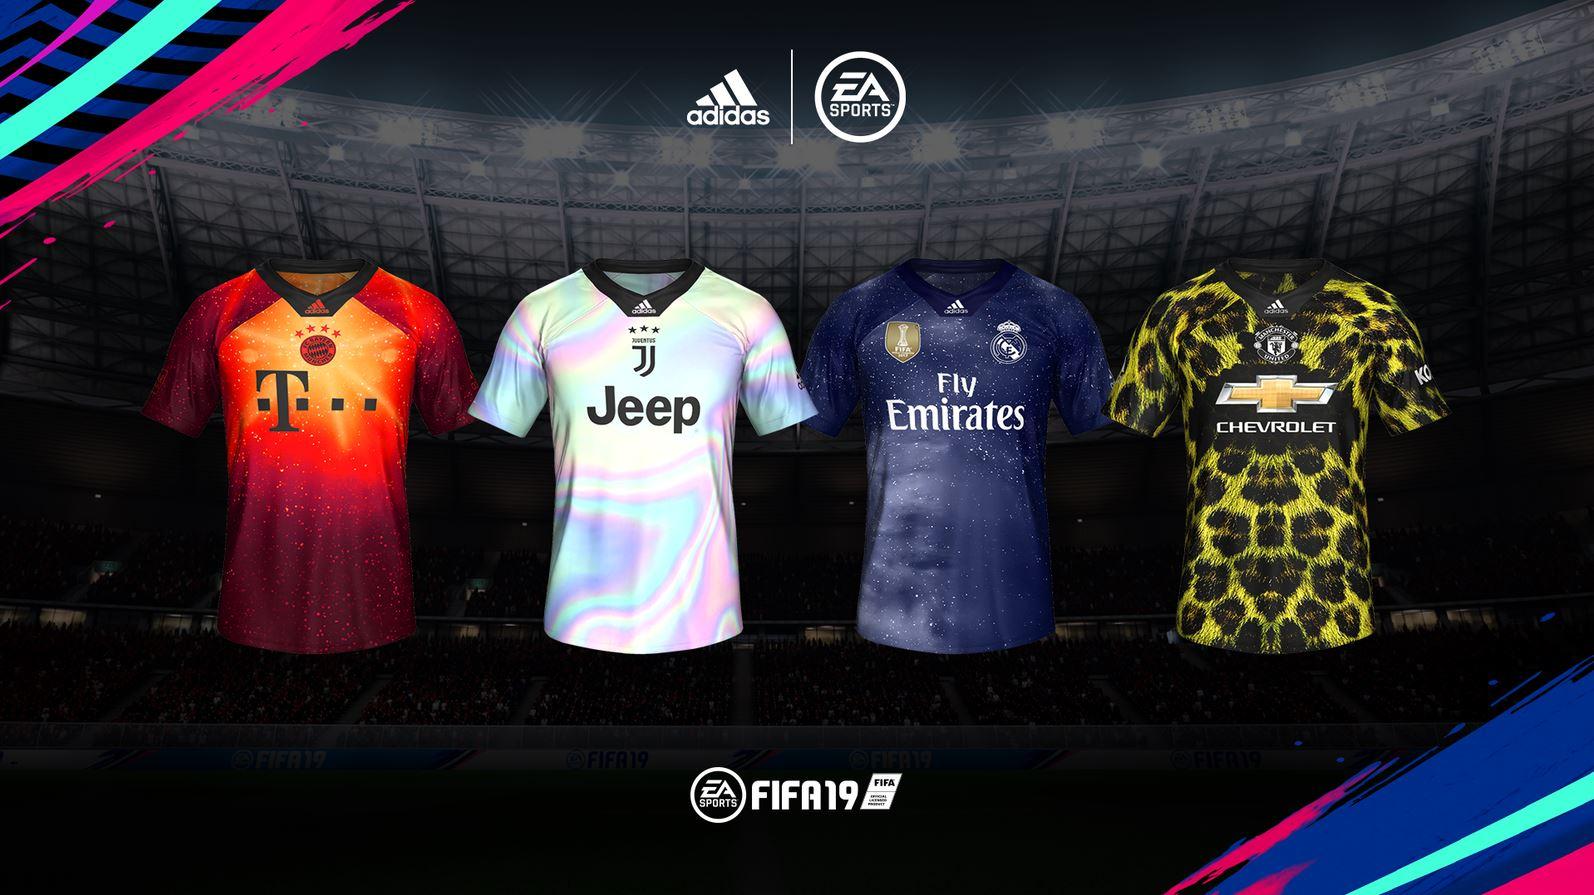 386e080311 FIFA 19  Times ganham novos uniformes exclusivos da Adidas